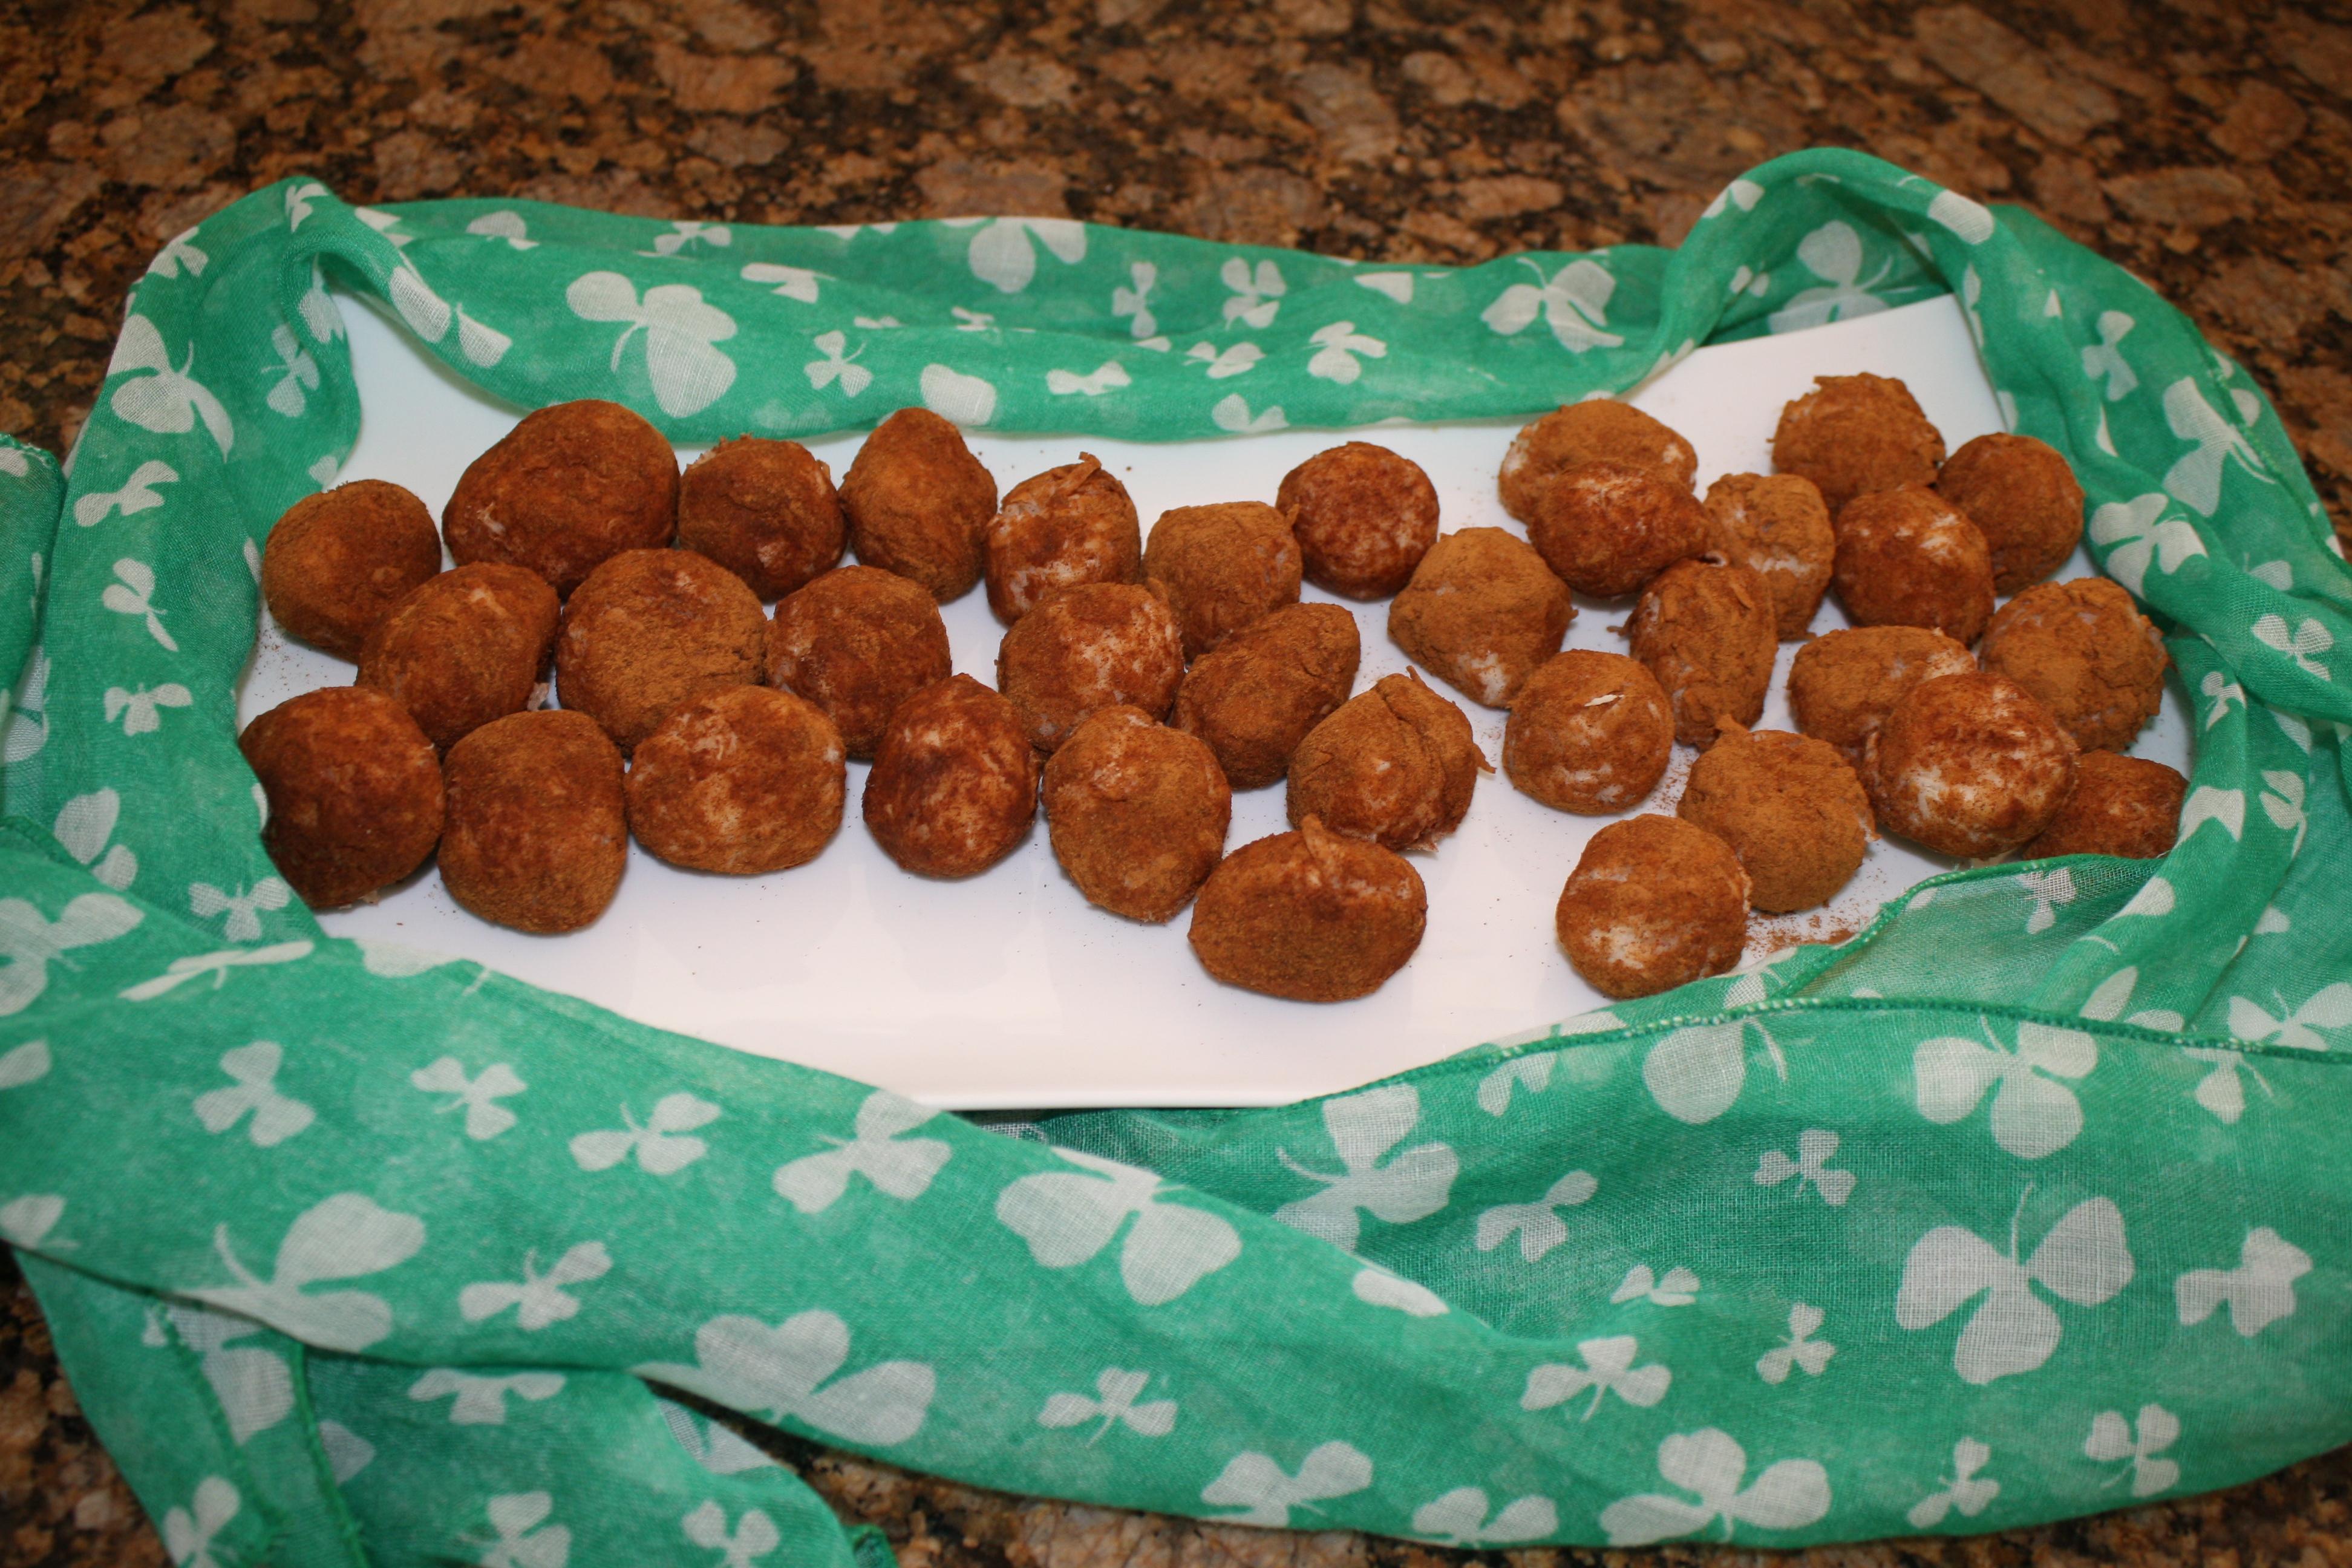 Суфле из творога рецепт с фото пошагово. Как приготовить